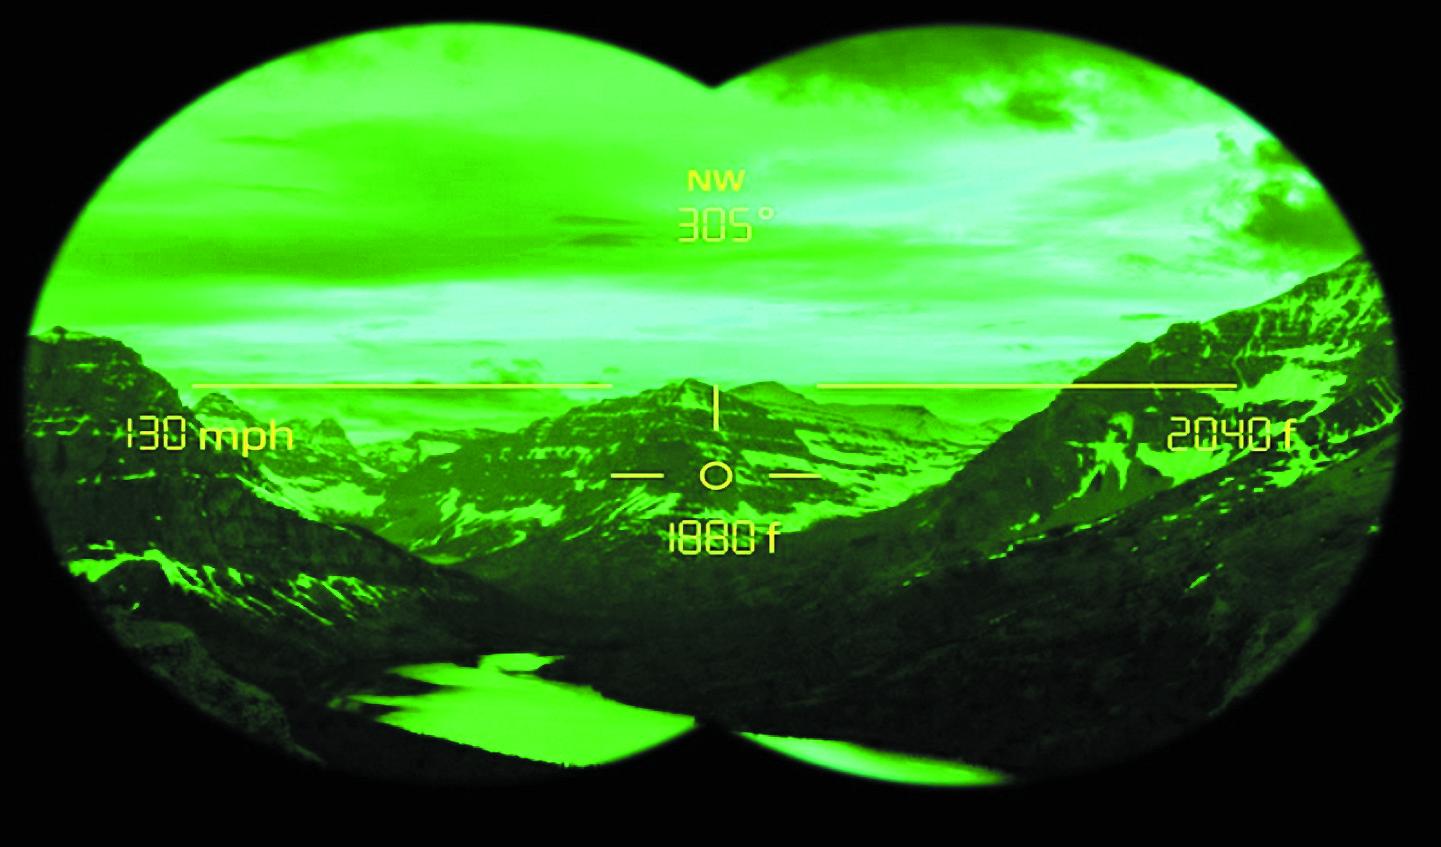 Стереоизображение, видимое через электронный видоискатель бинокля ночного видения